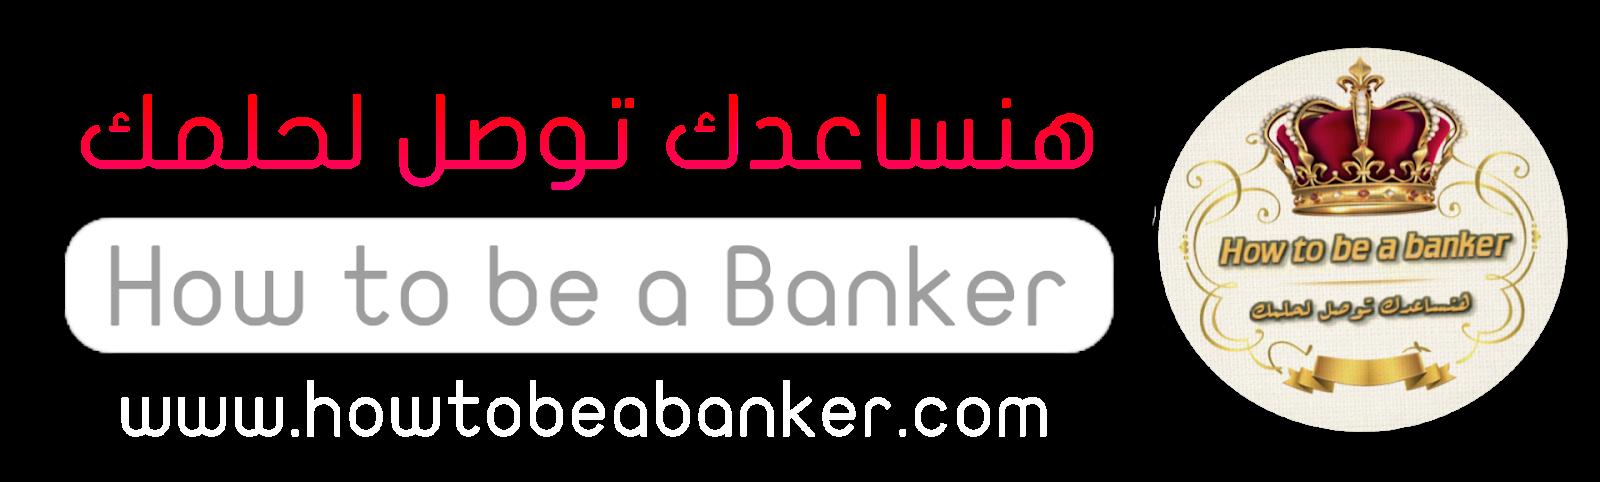 هنساعدك توصل لحلمك | How to be a Banker